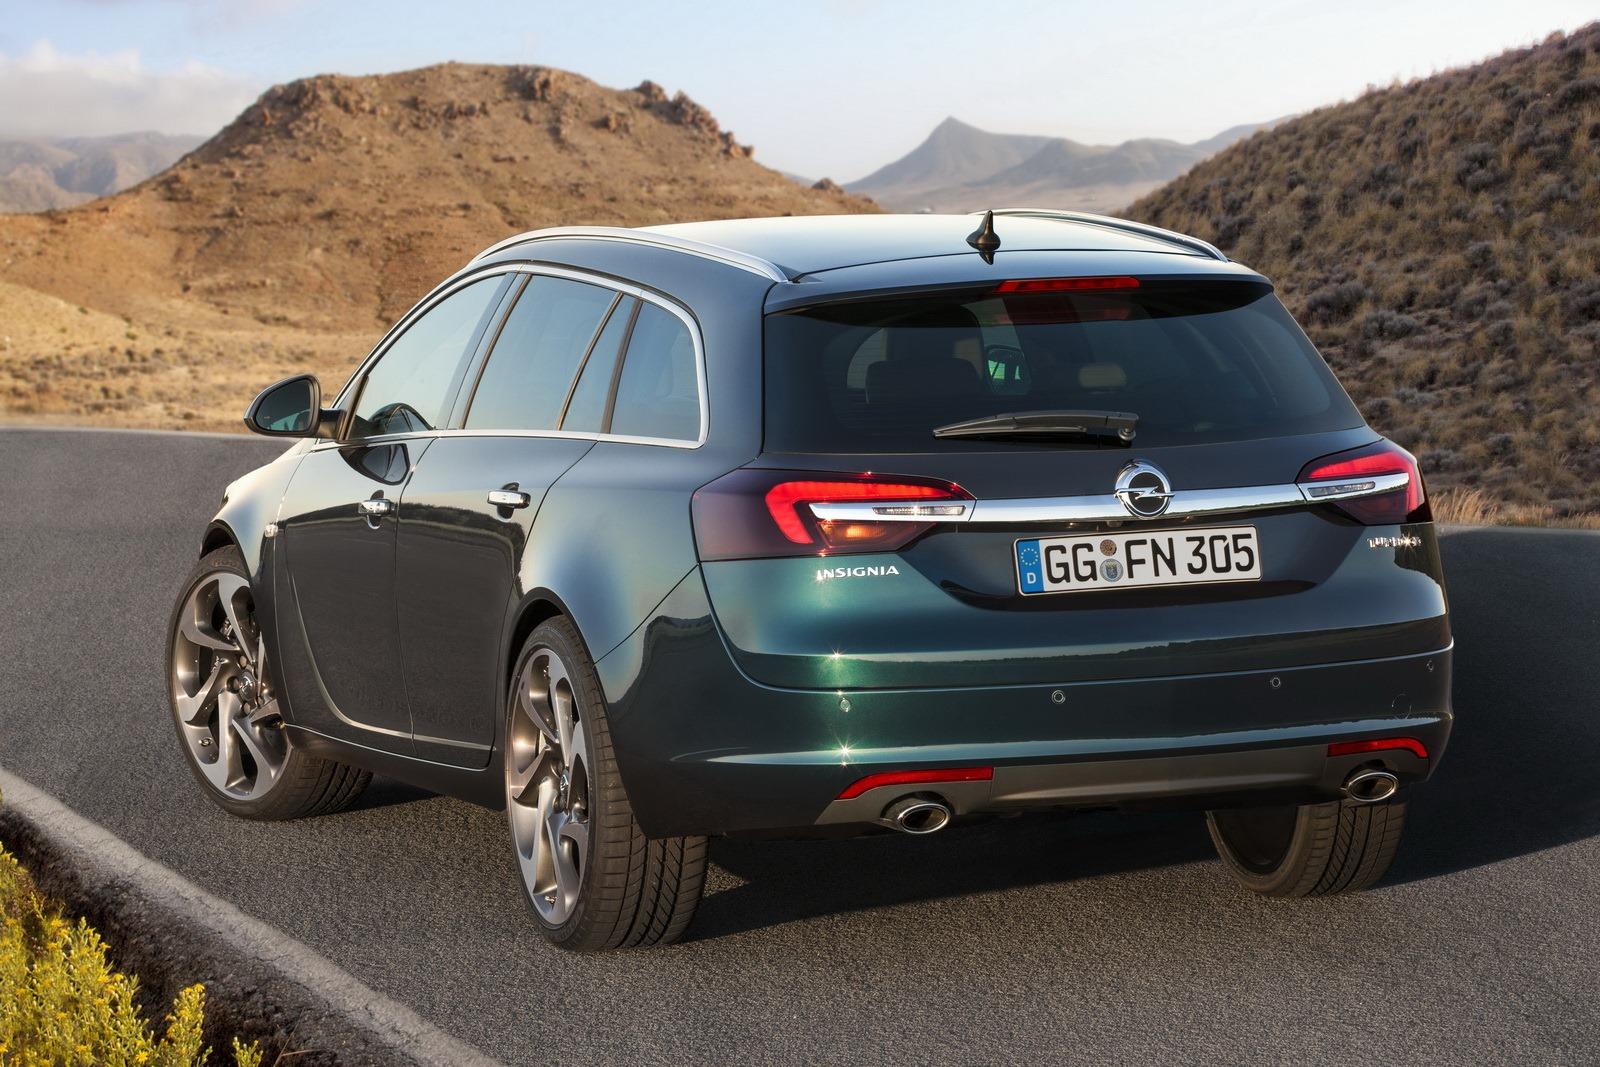 Opel-Insignia-Facelift-12%25255B2%25255D.jpg